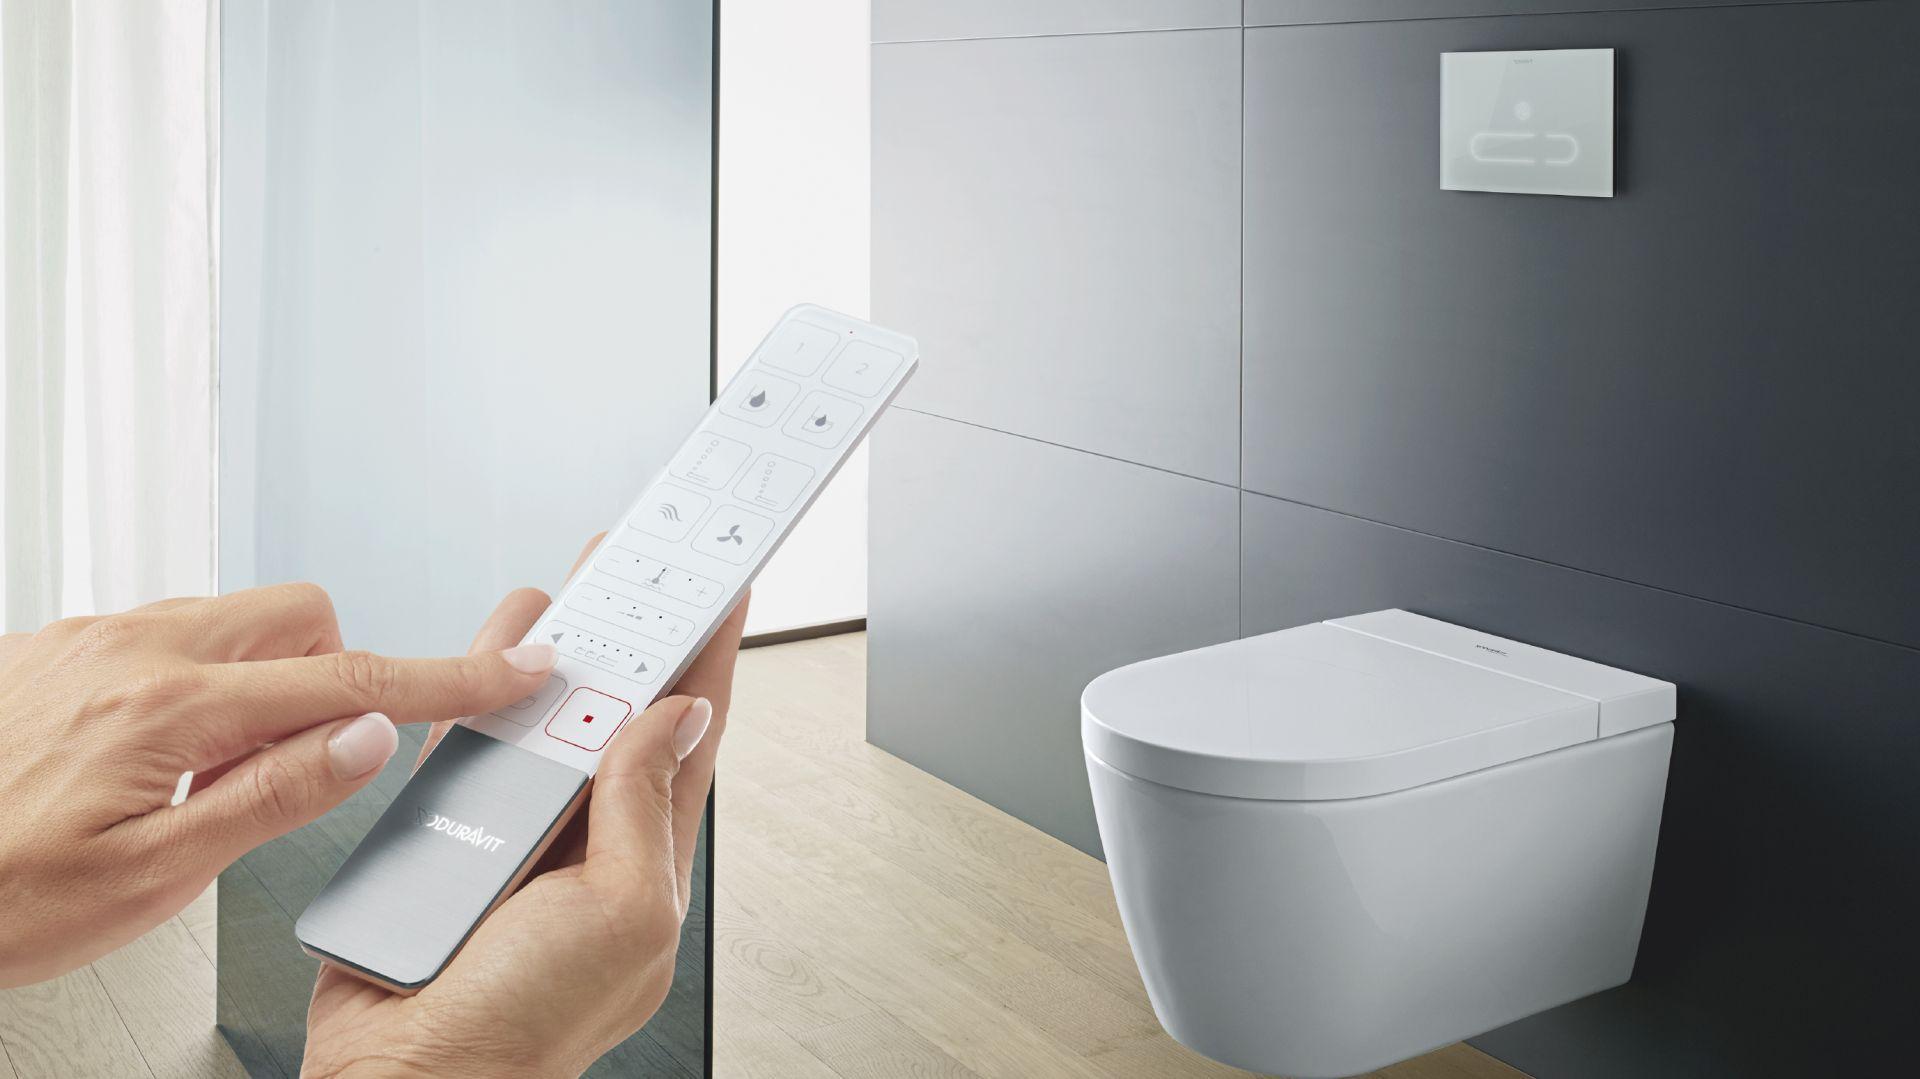 Taleta myjąca SensoWash Starck F z miską w.c. z technologią Rimless, szkliwo HygieneGlaze 2.0 o właściwościach antybakteryjnych. Fot. Duravit